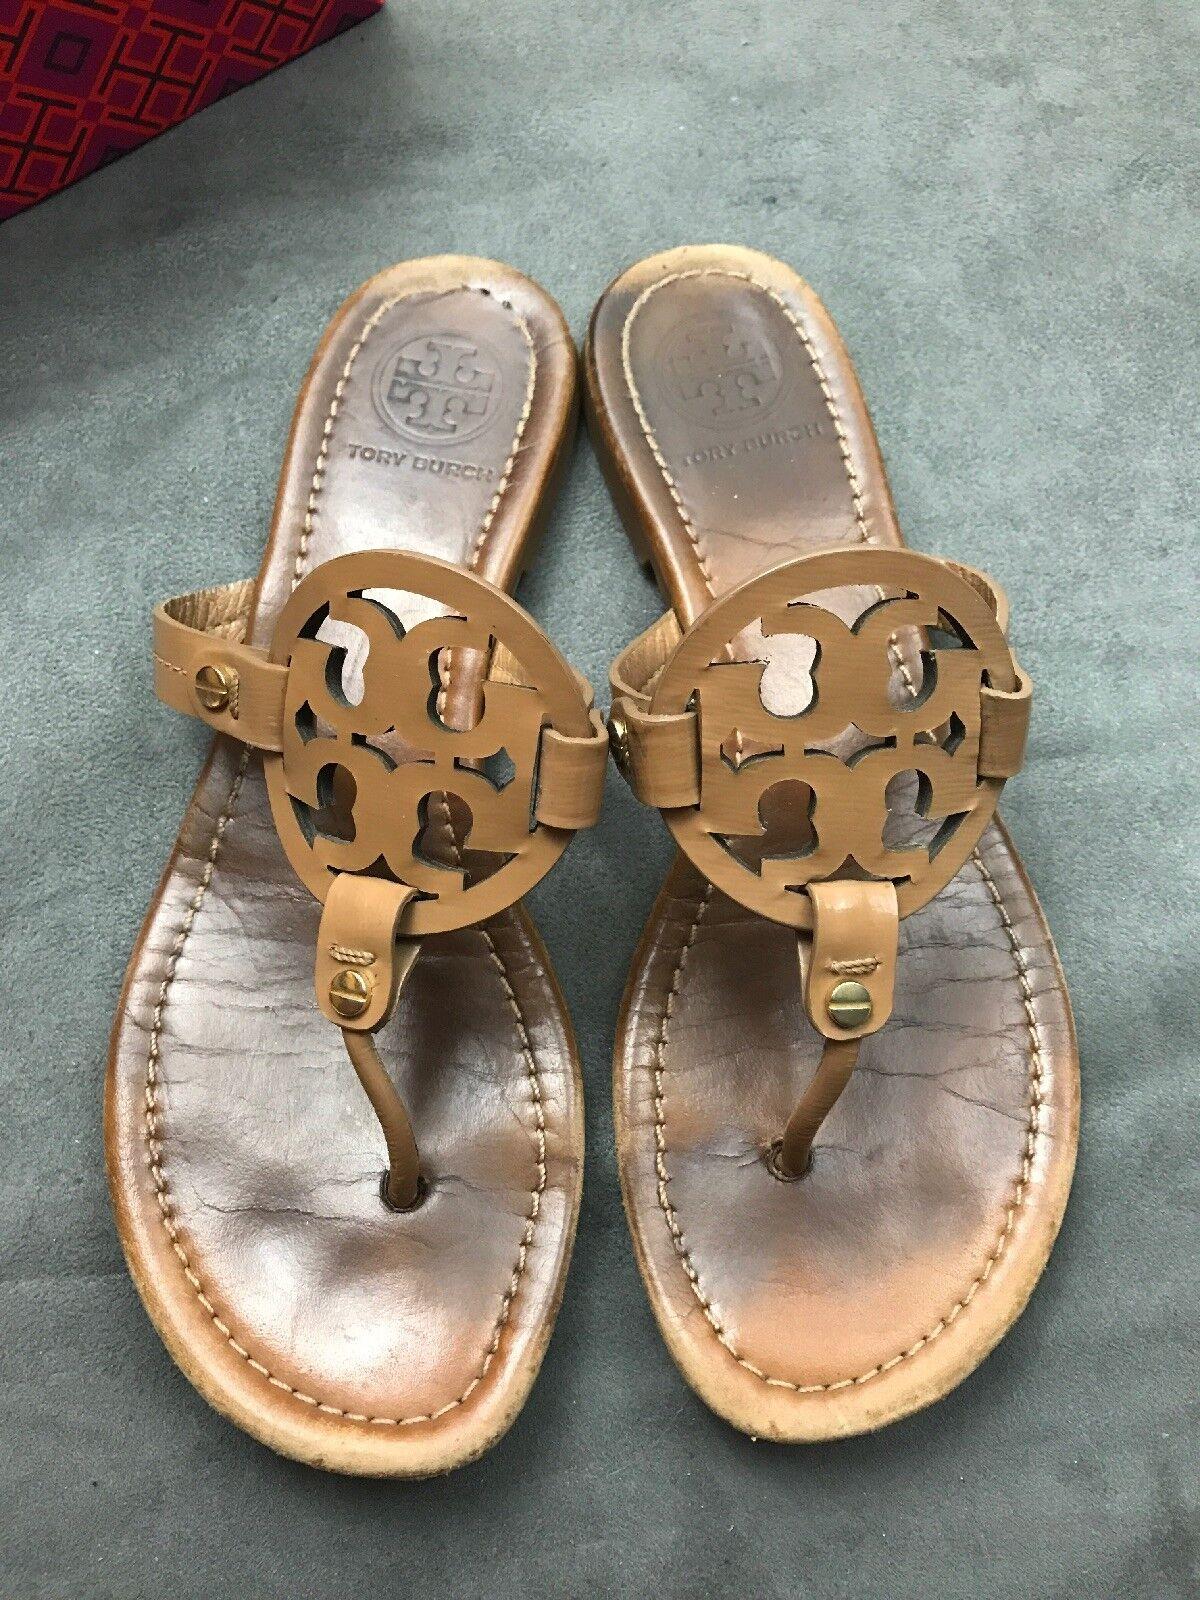 TORY BURCH Miller Royal Tan Sand Sandale Beige Saffiano Patent Leder Sandale Sand Sz 8.5 L27 defbb7